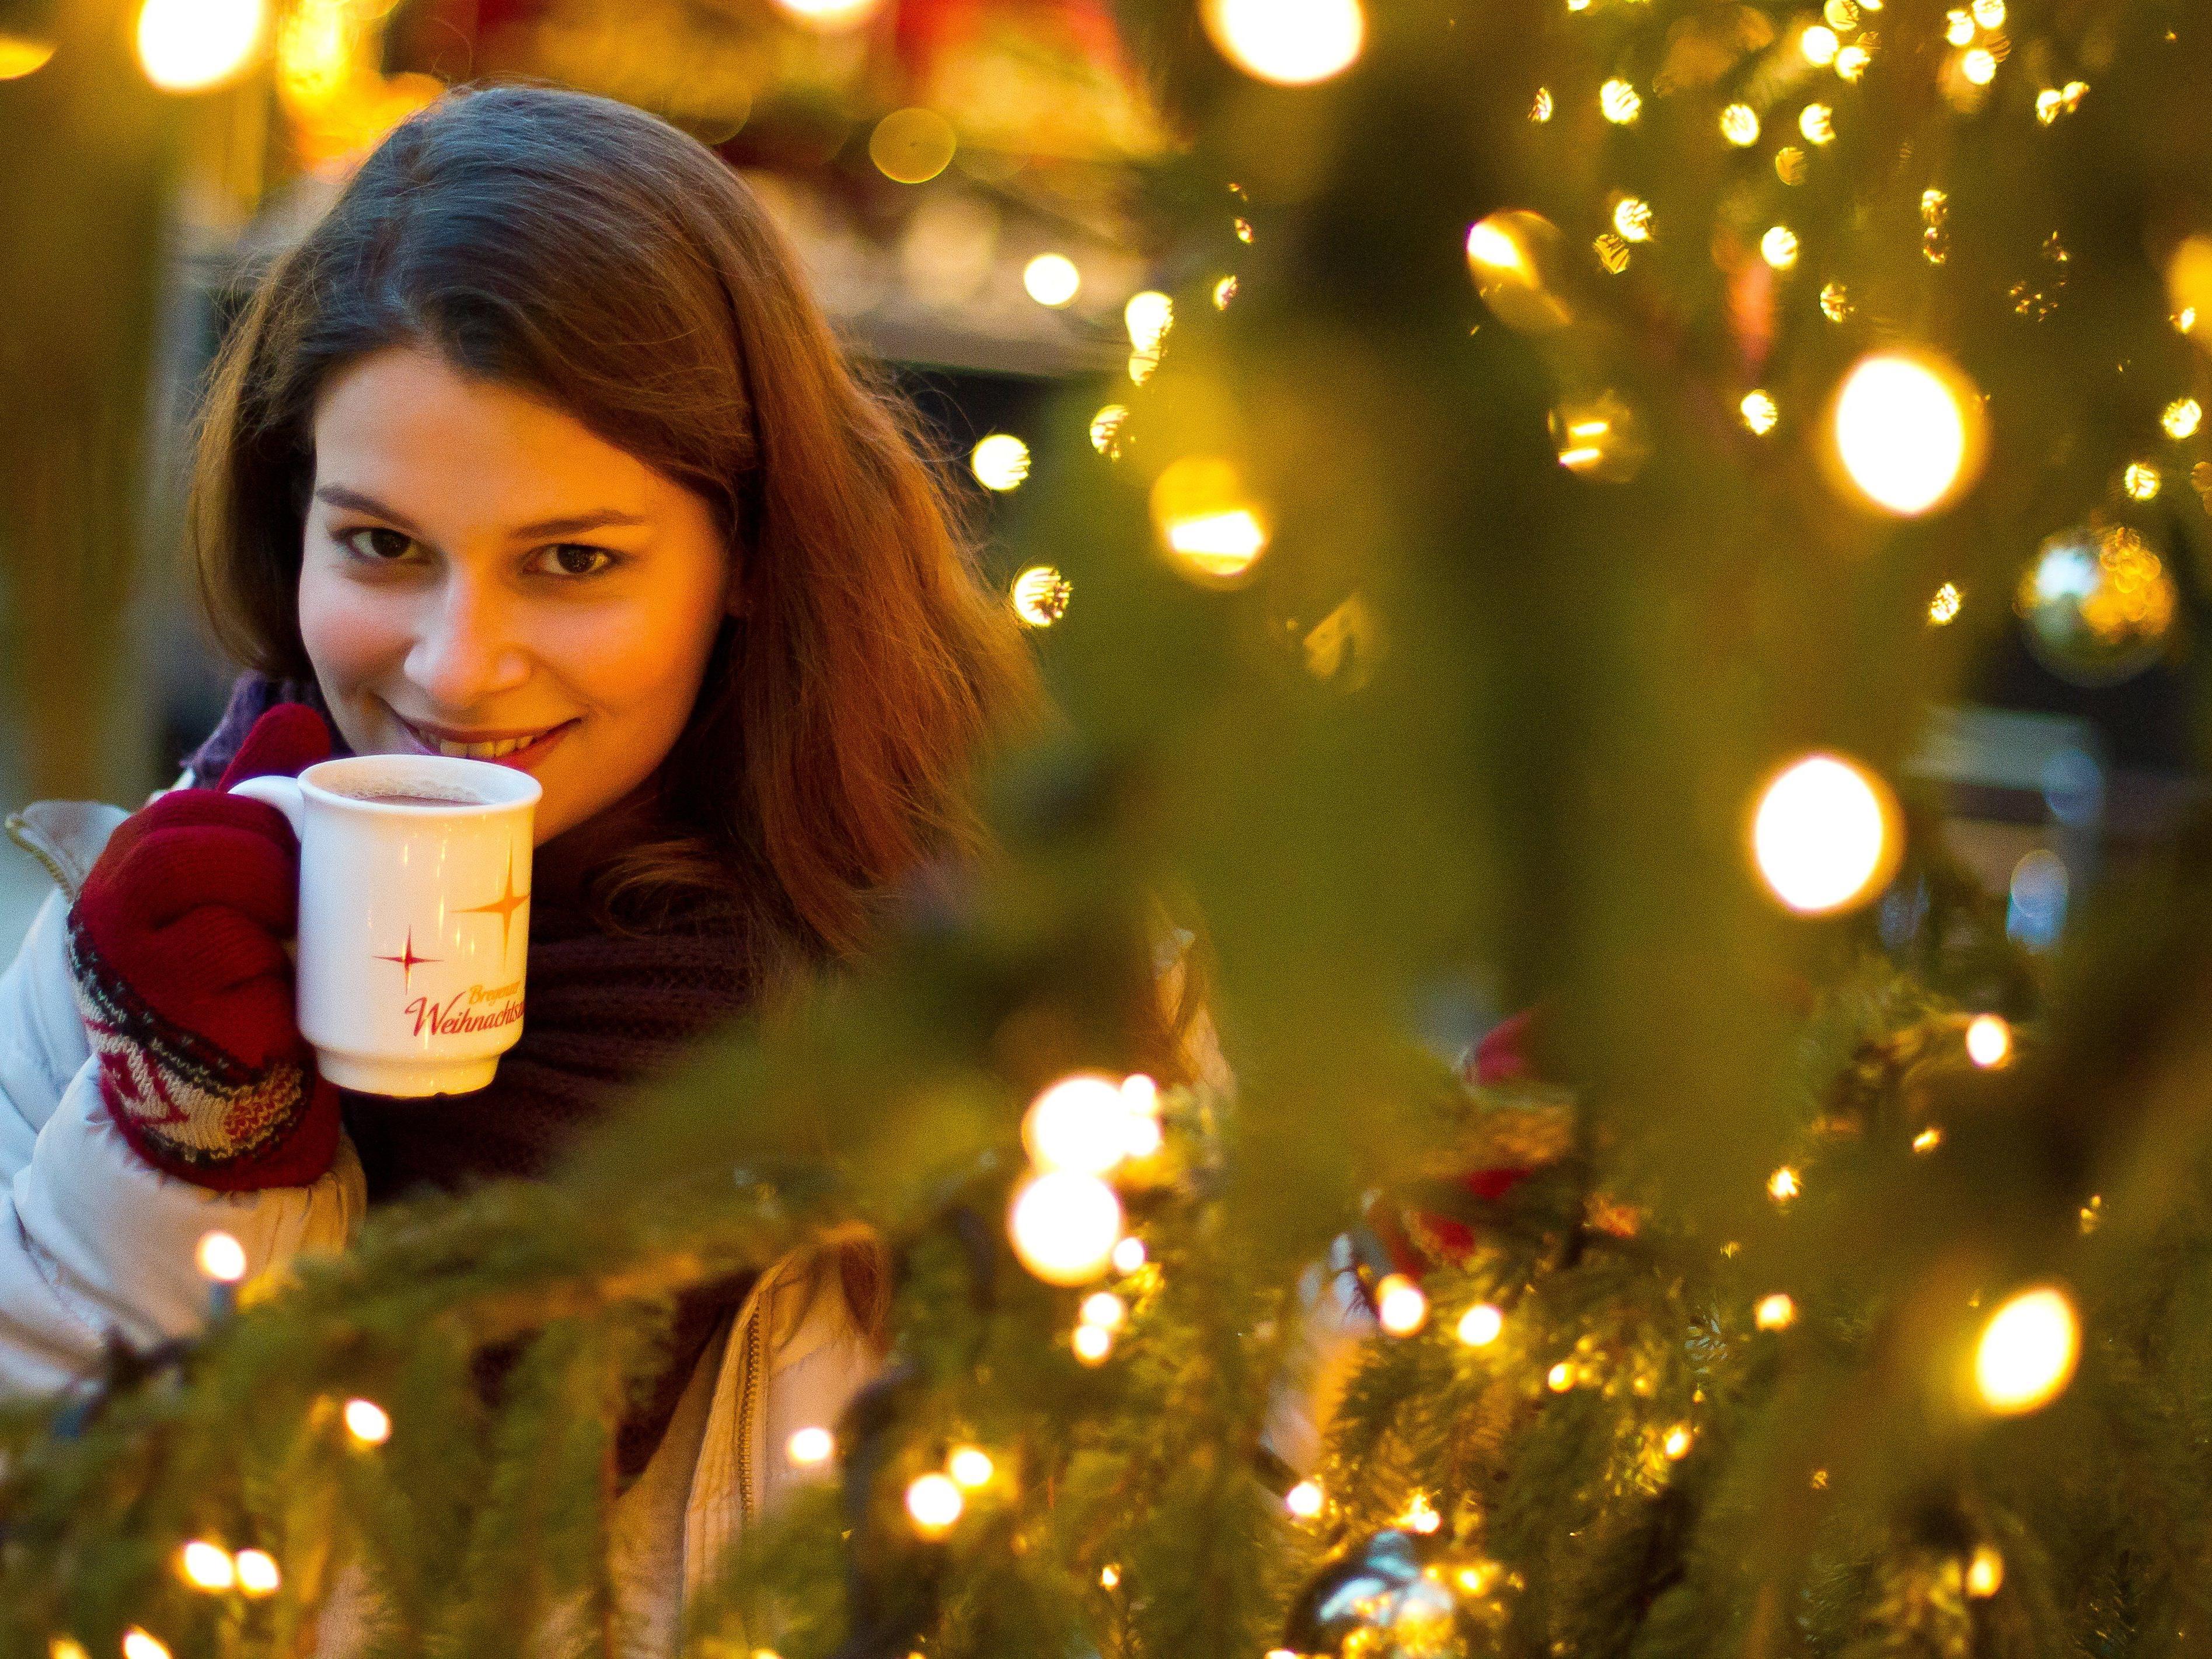 Bunte Lichter, Glühwein und Leckereien: Die schönsten Weihnachtsmärkte.